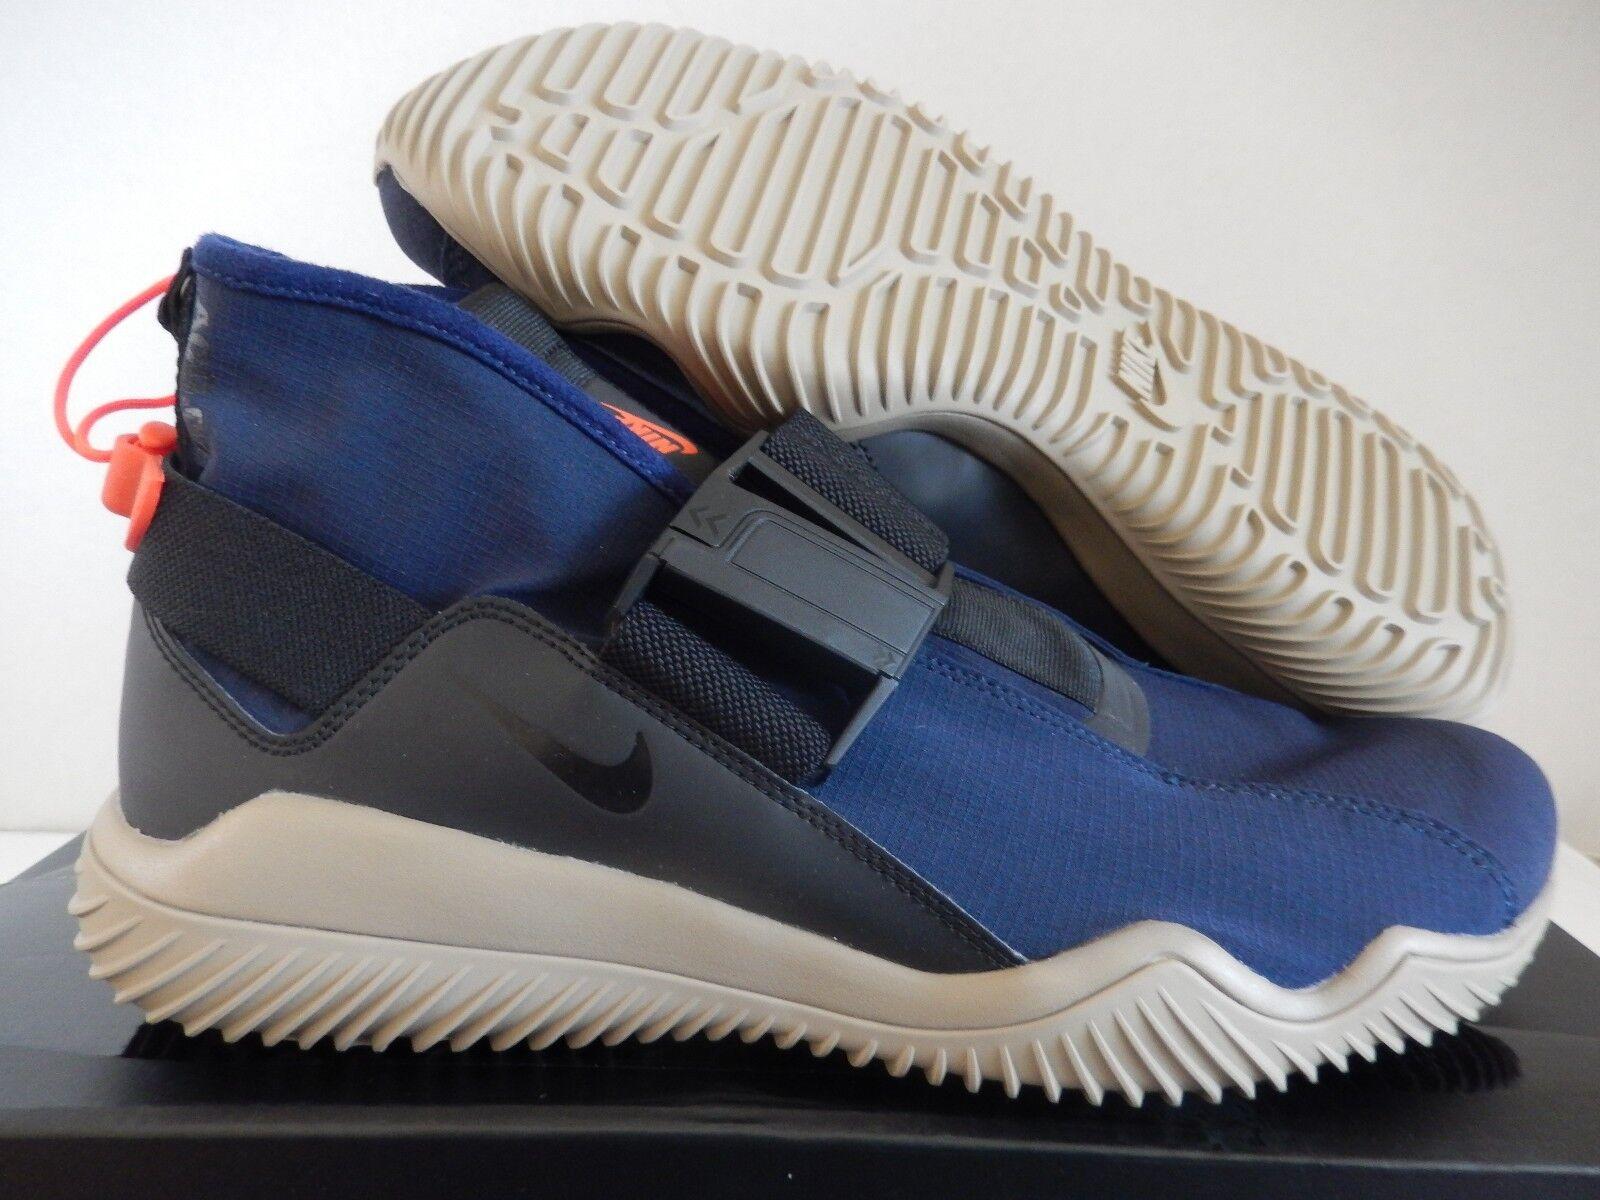 Nike ACG 07 KMTR komyuter Obsidian reduccion Marina Azul-khaki reduccion Obsidian de precio el mas popular de zapatos para hombres y mujeres 57bc0f